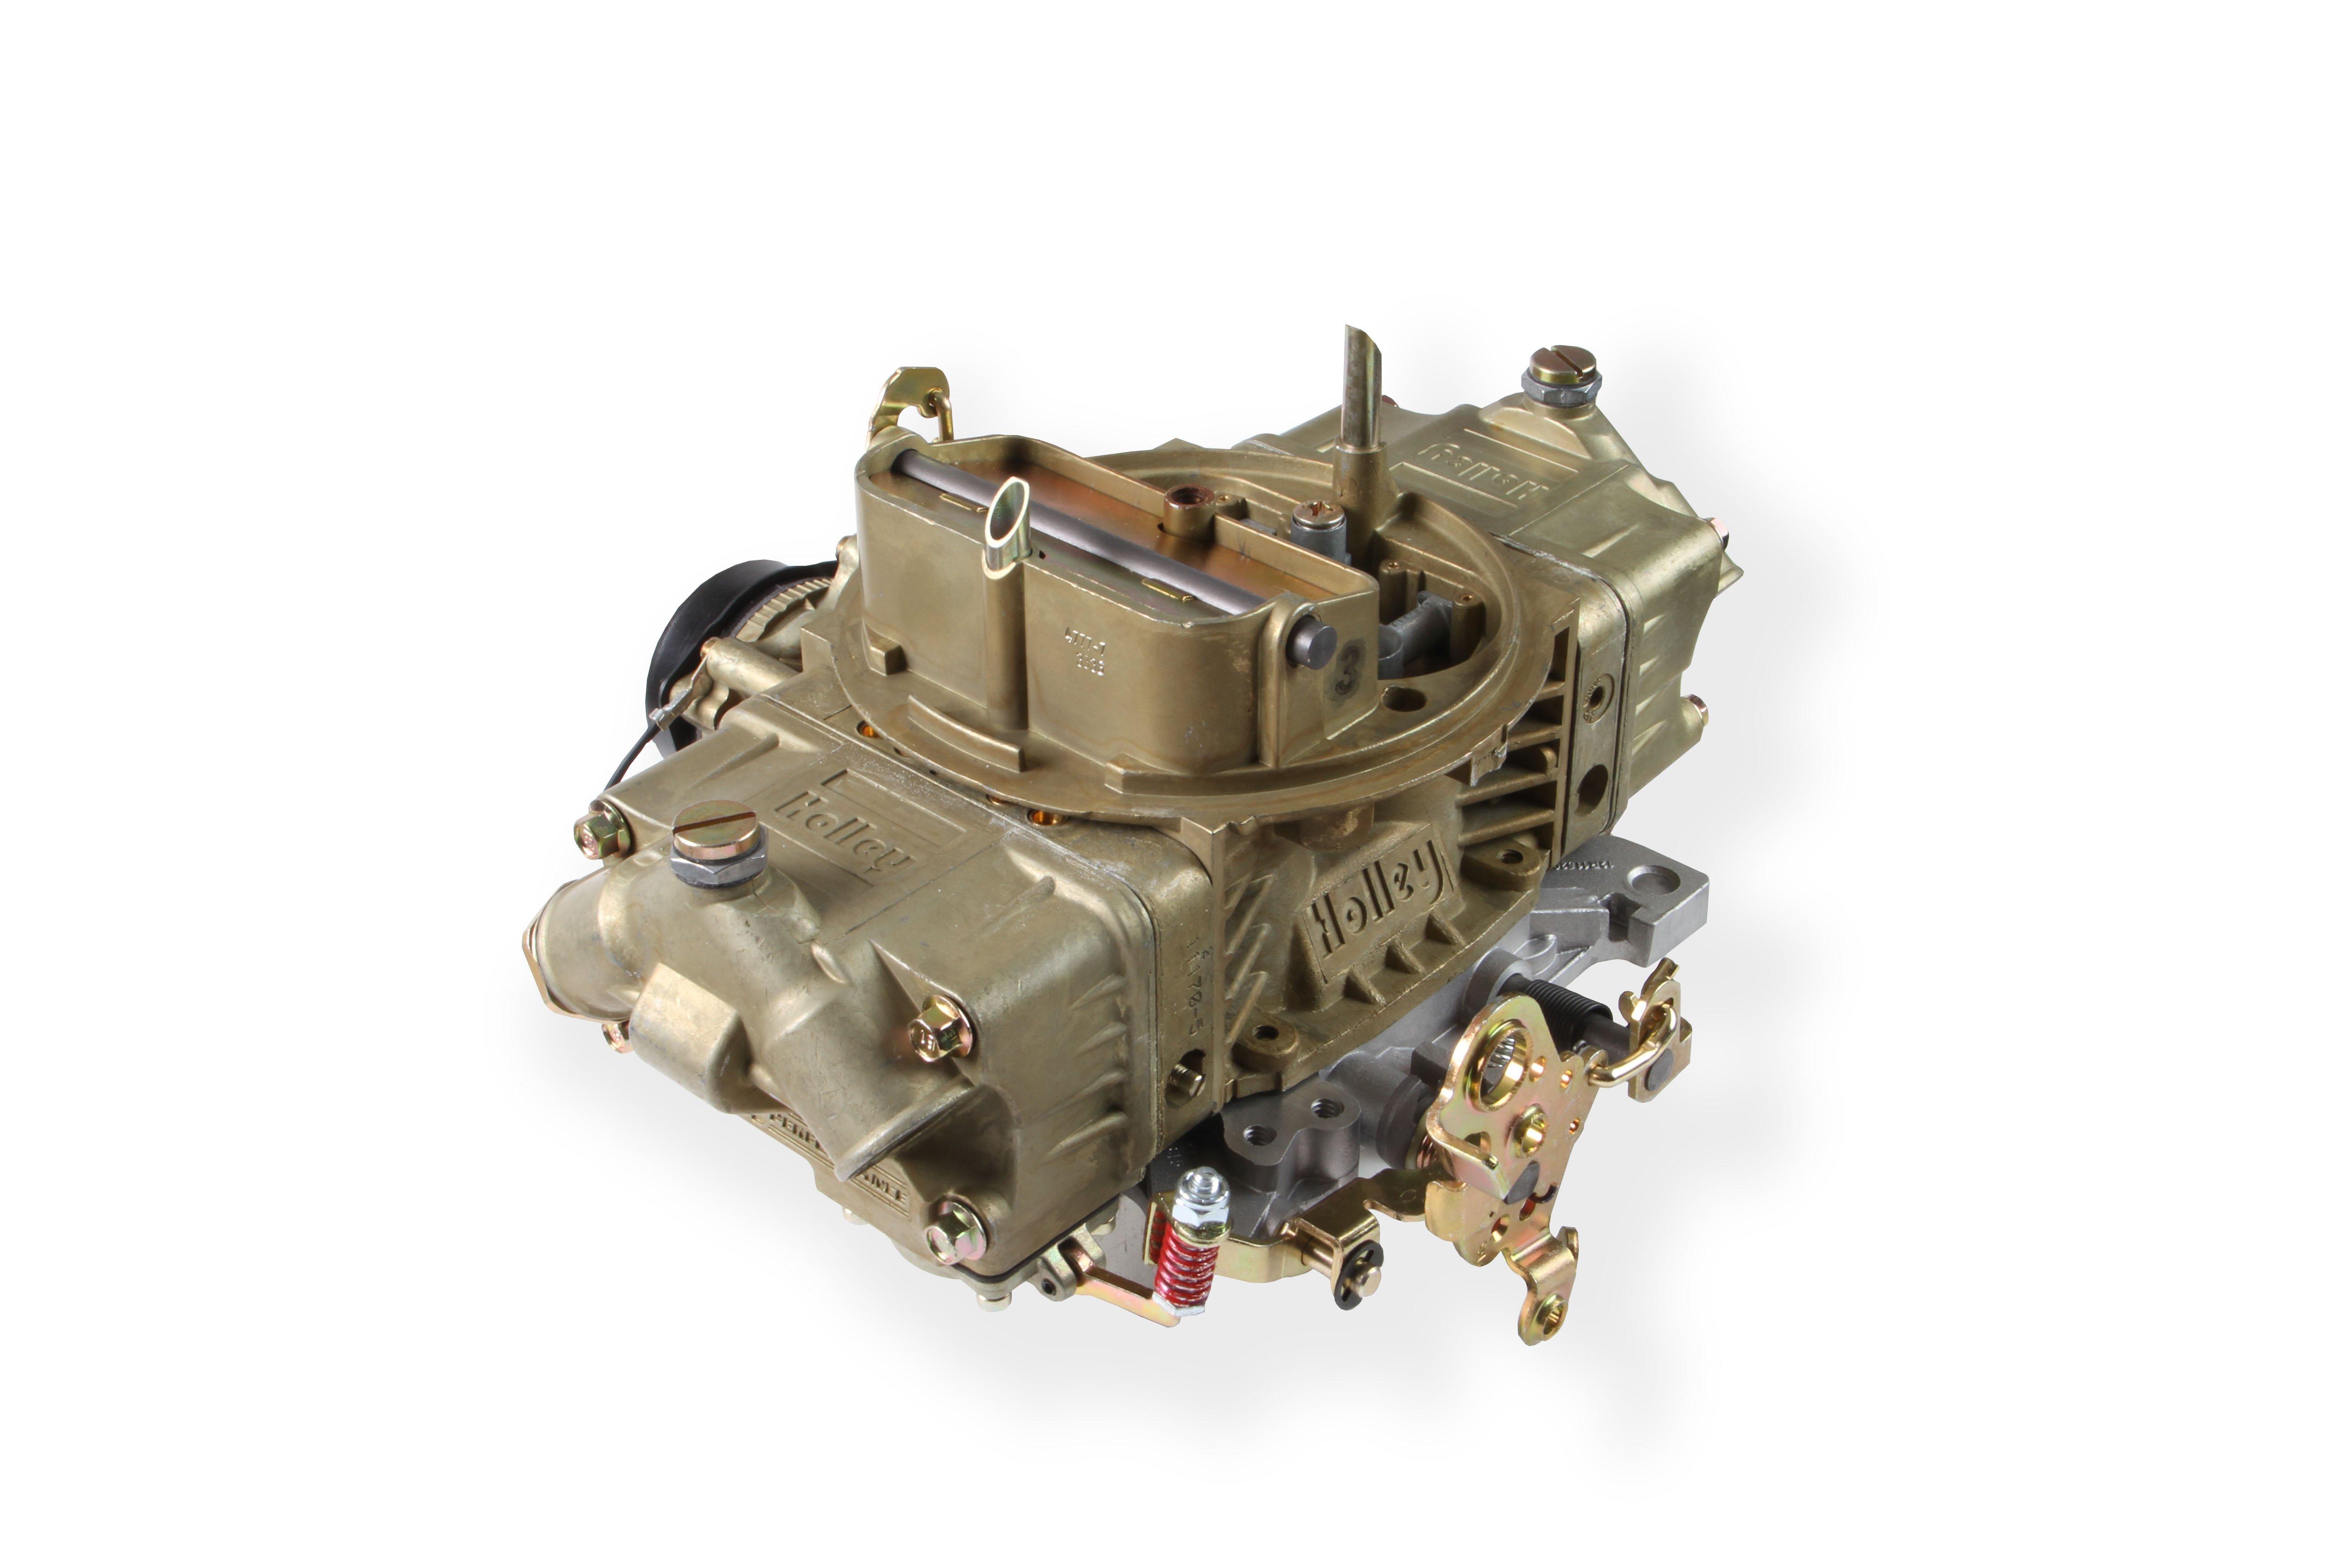 Set of 2 Holley 36-181 Brass Jet Assortment Kit for 2 and 4 Barrel Carburetors